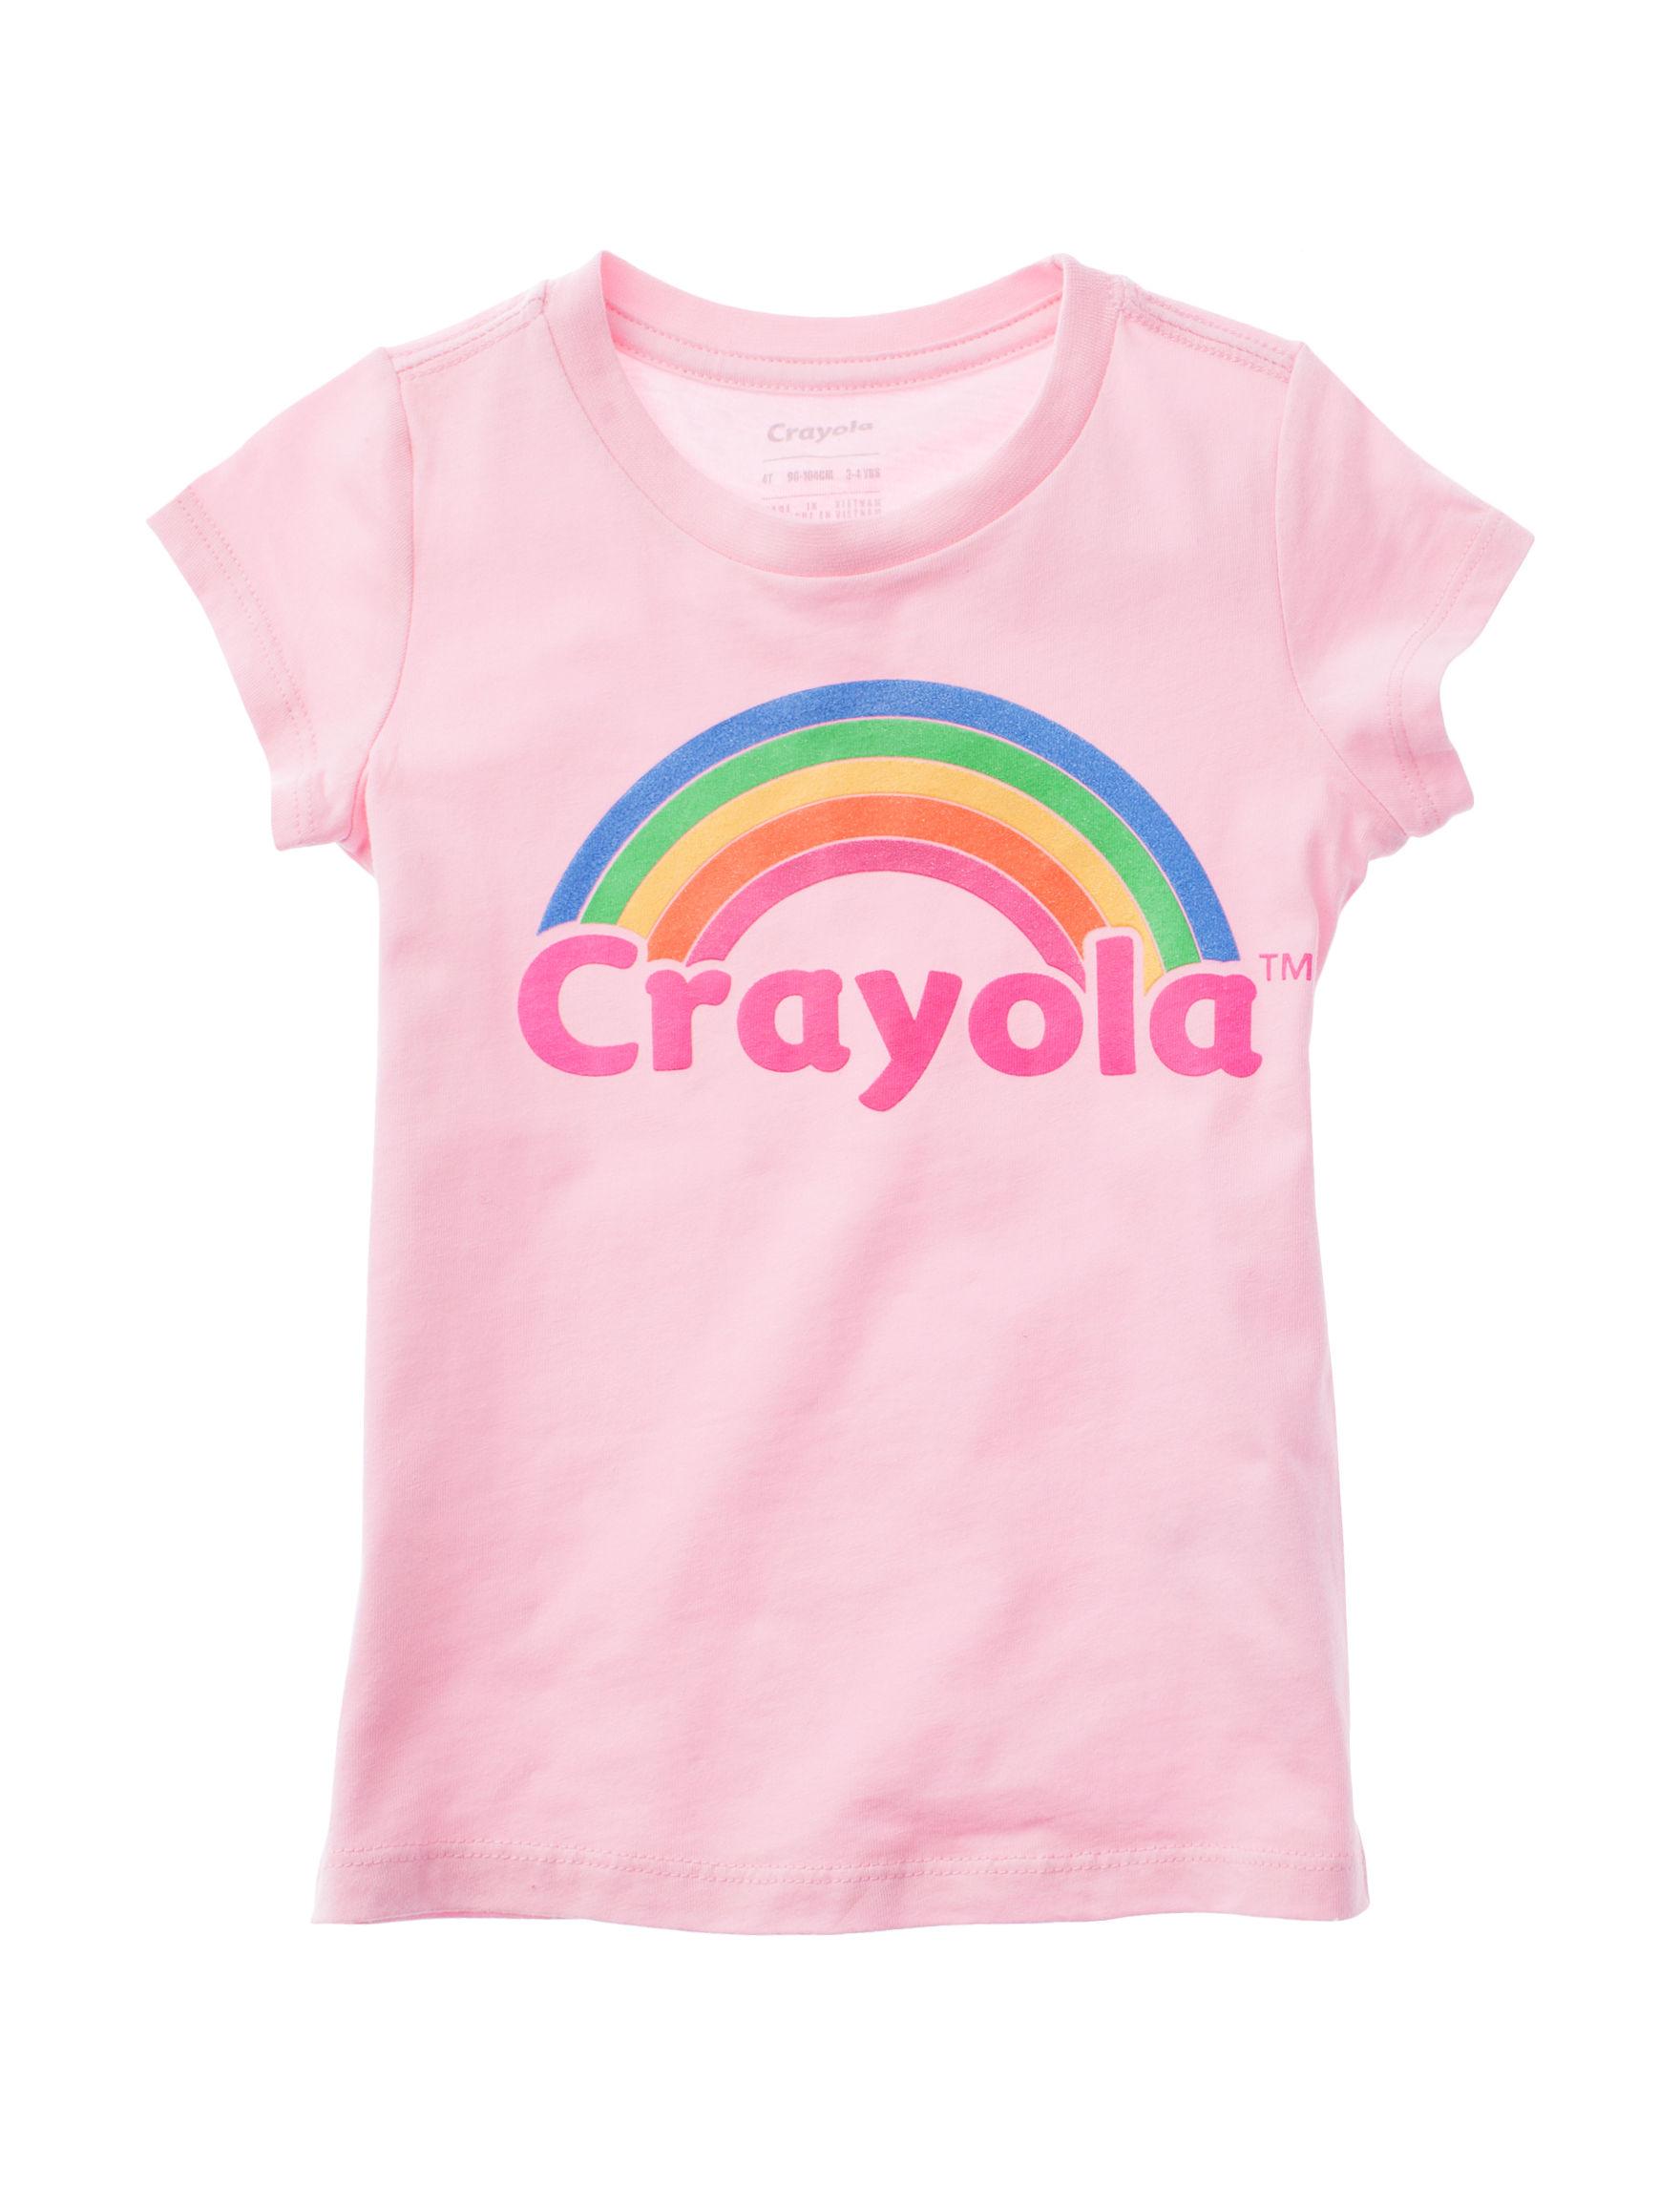 Crayola, LLC Dusty Pink Tees & Tanks